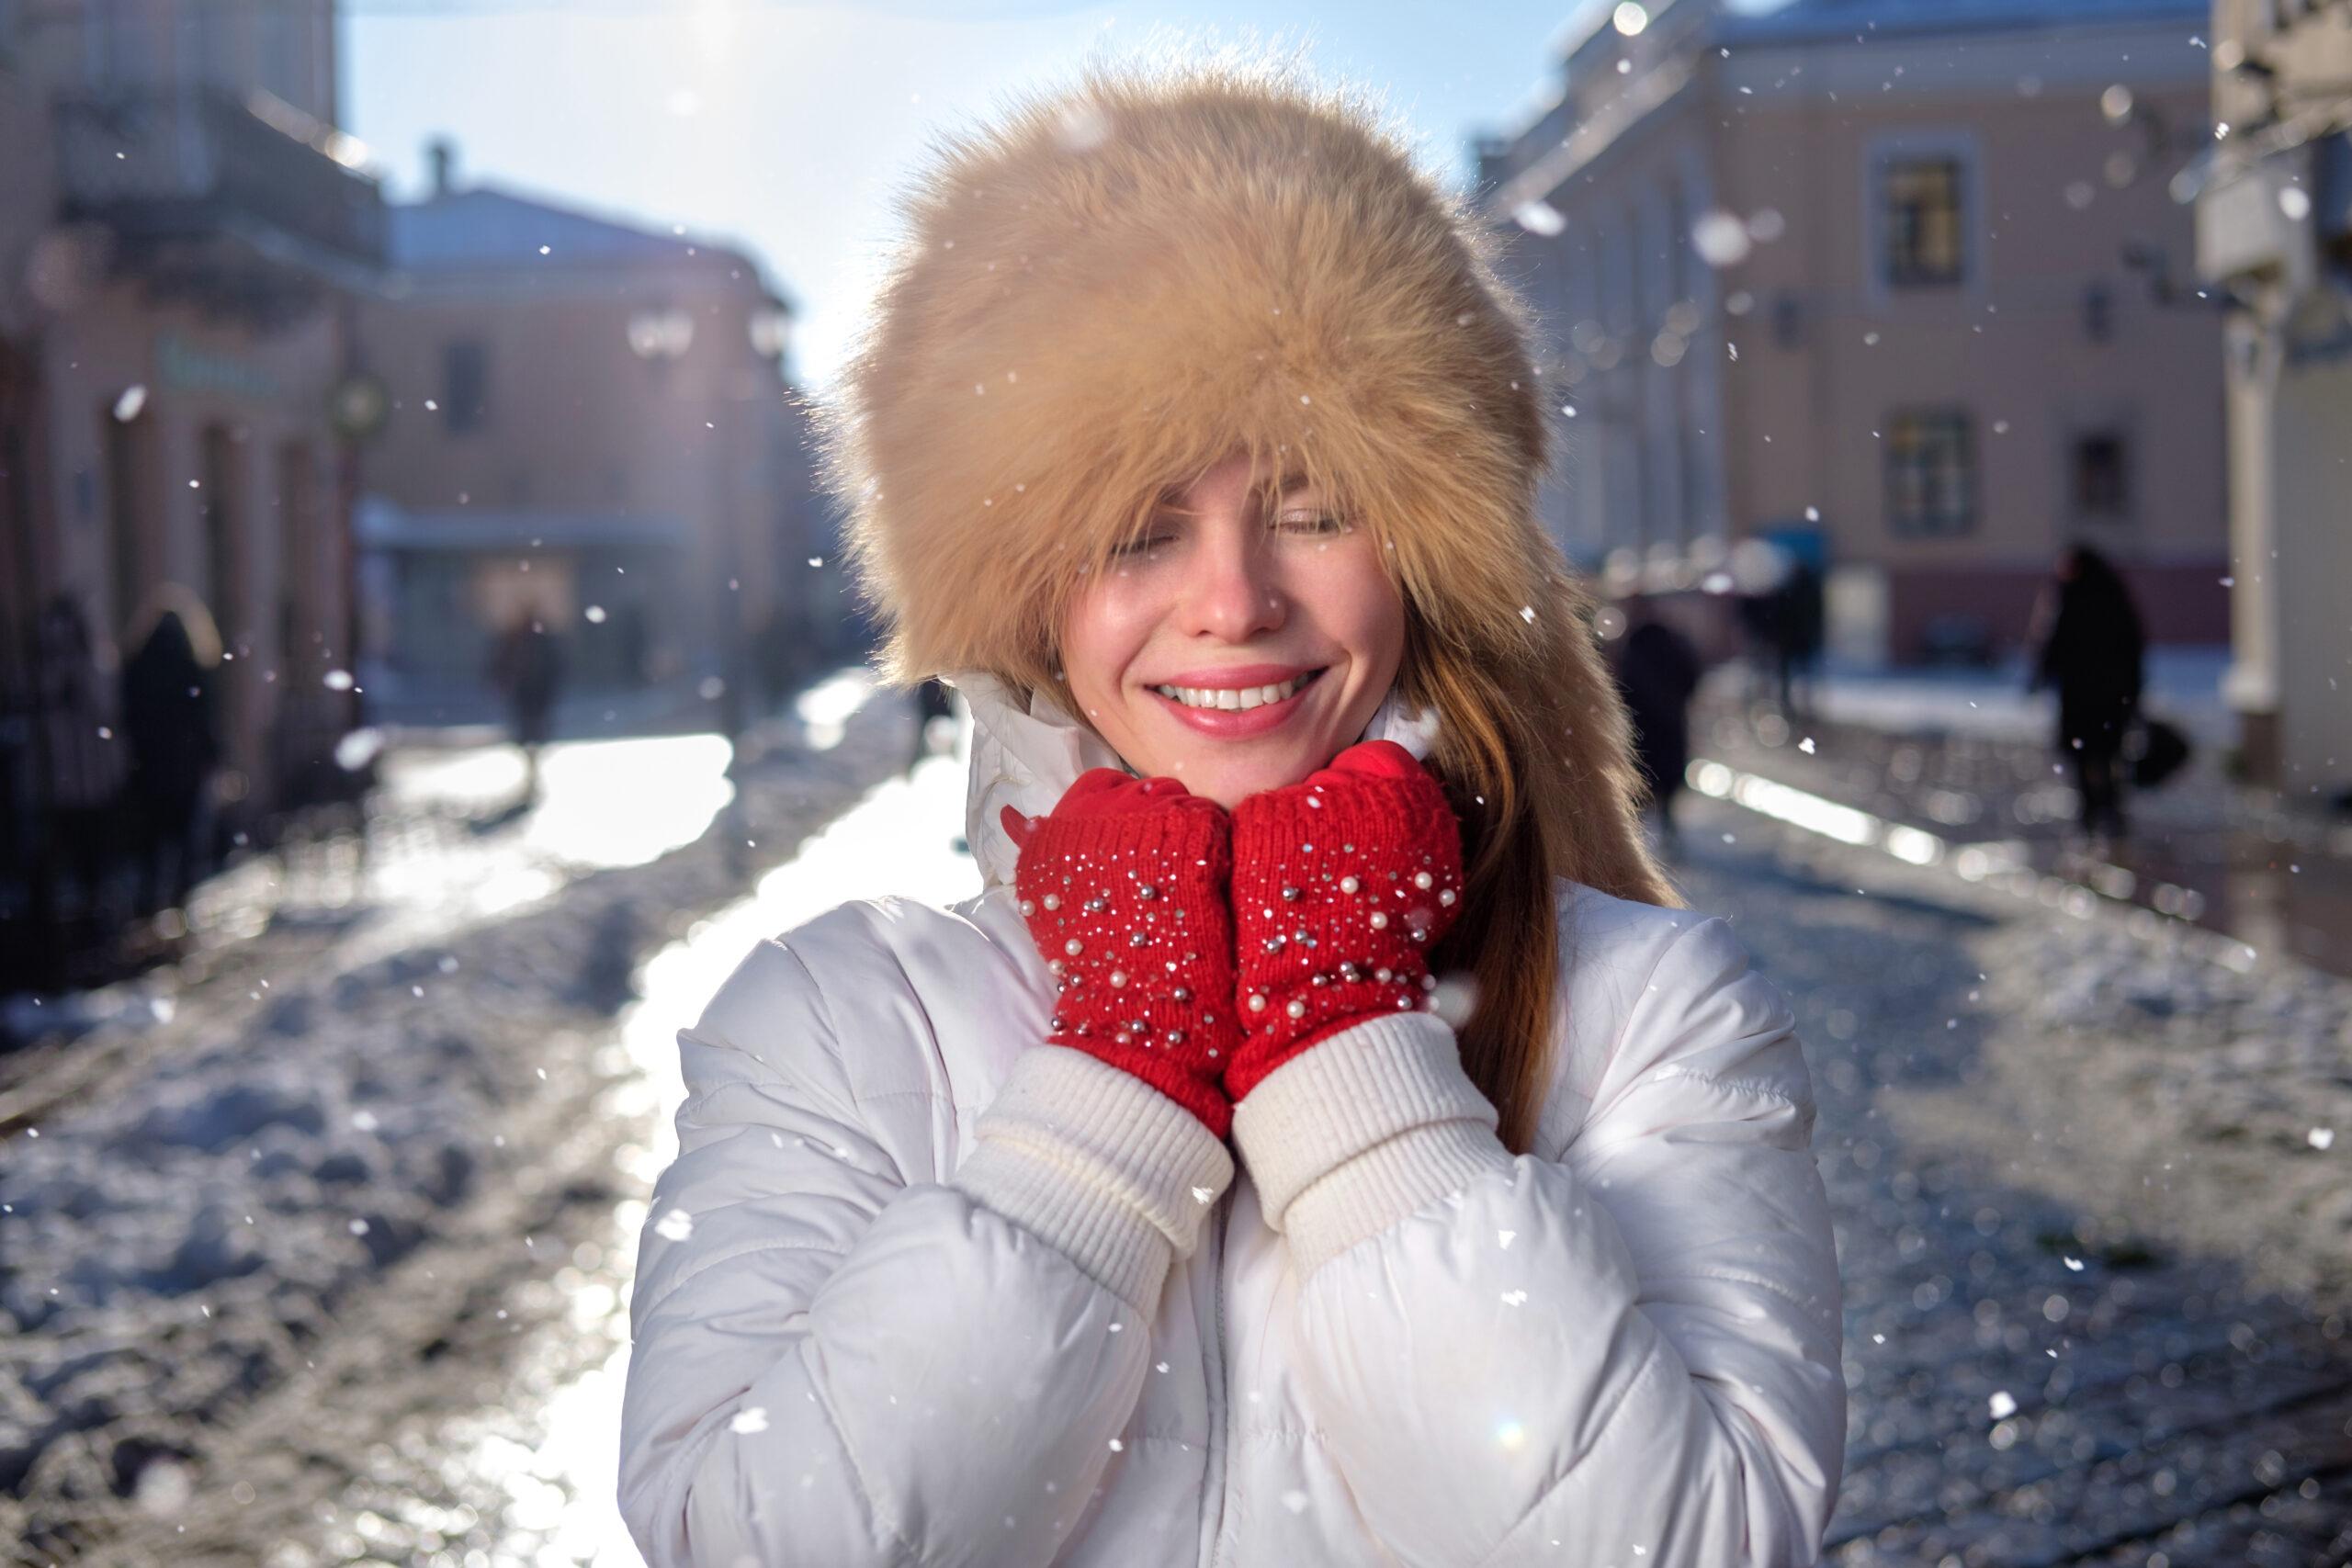 Consejos para el cuidado de la piel cuando llega el frío - Estetica 21